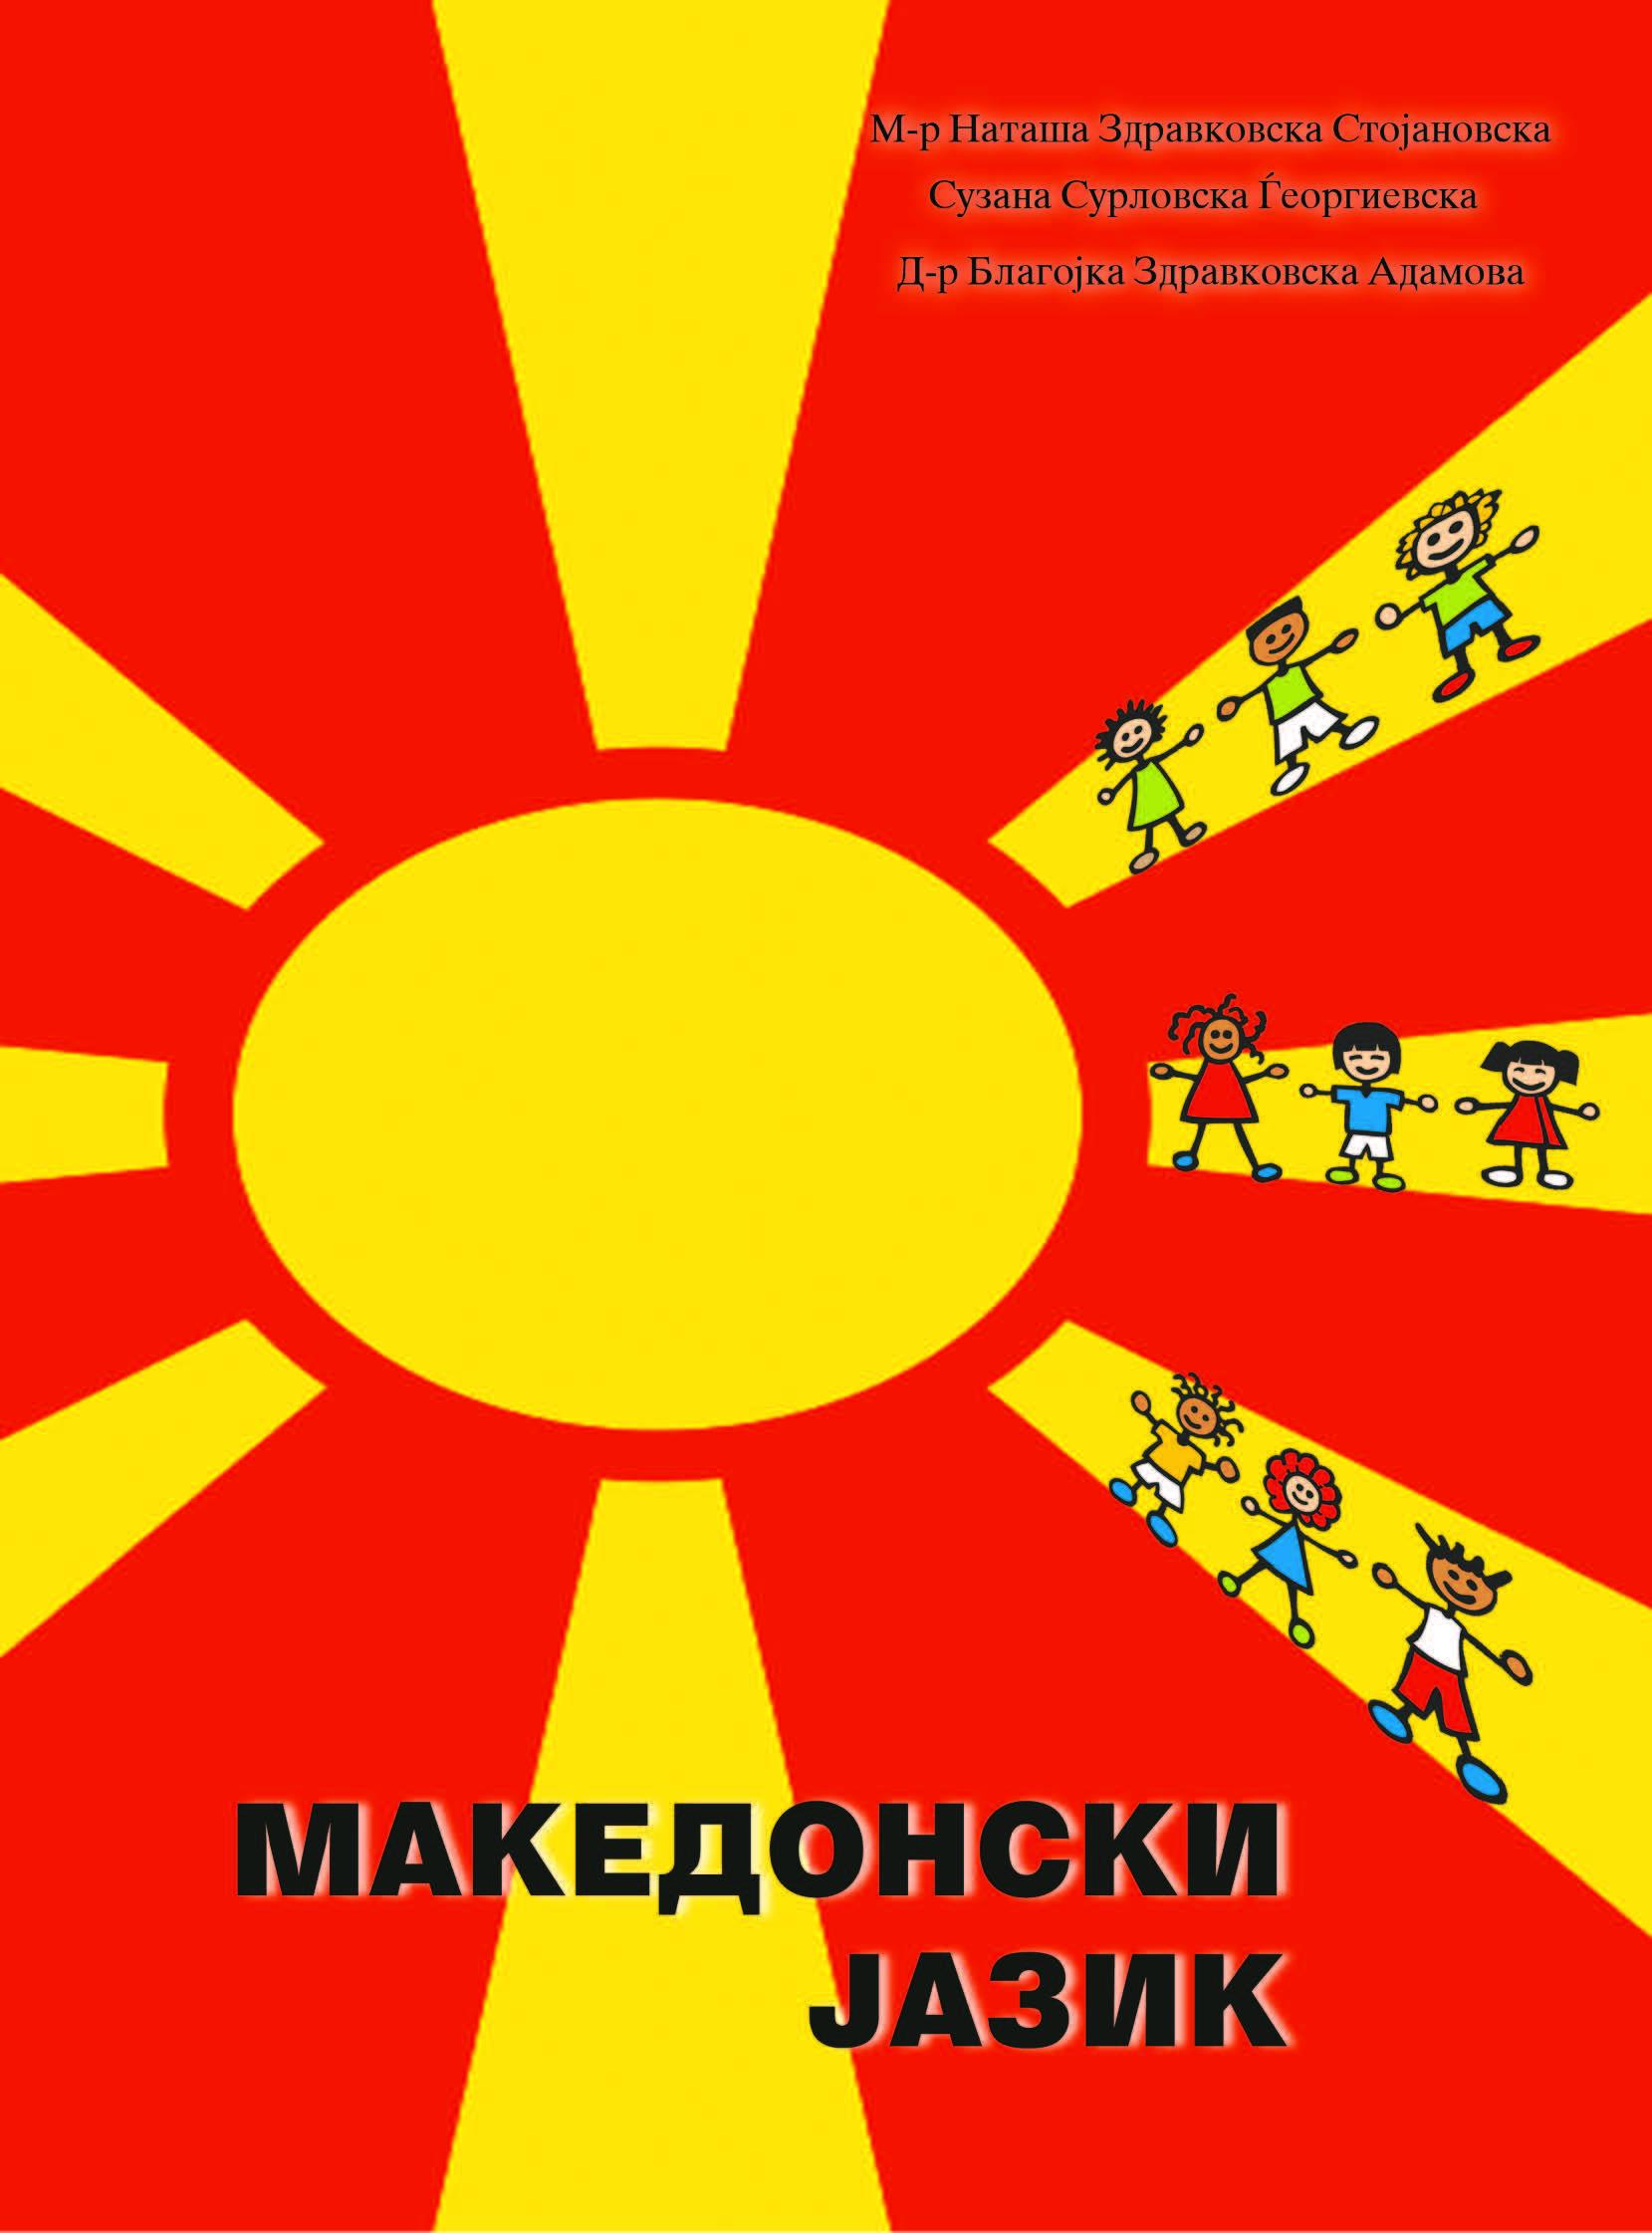 Makedonski jazik – Nataša Zdravkovska Stojanovska i Suzana Surlovska Đeorgievska